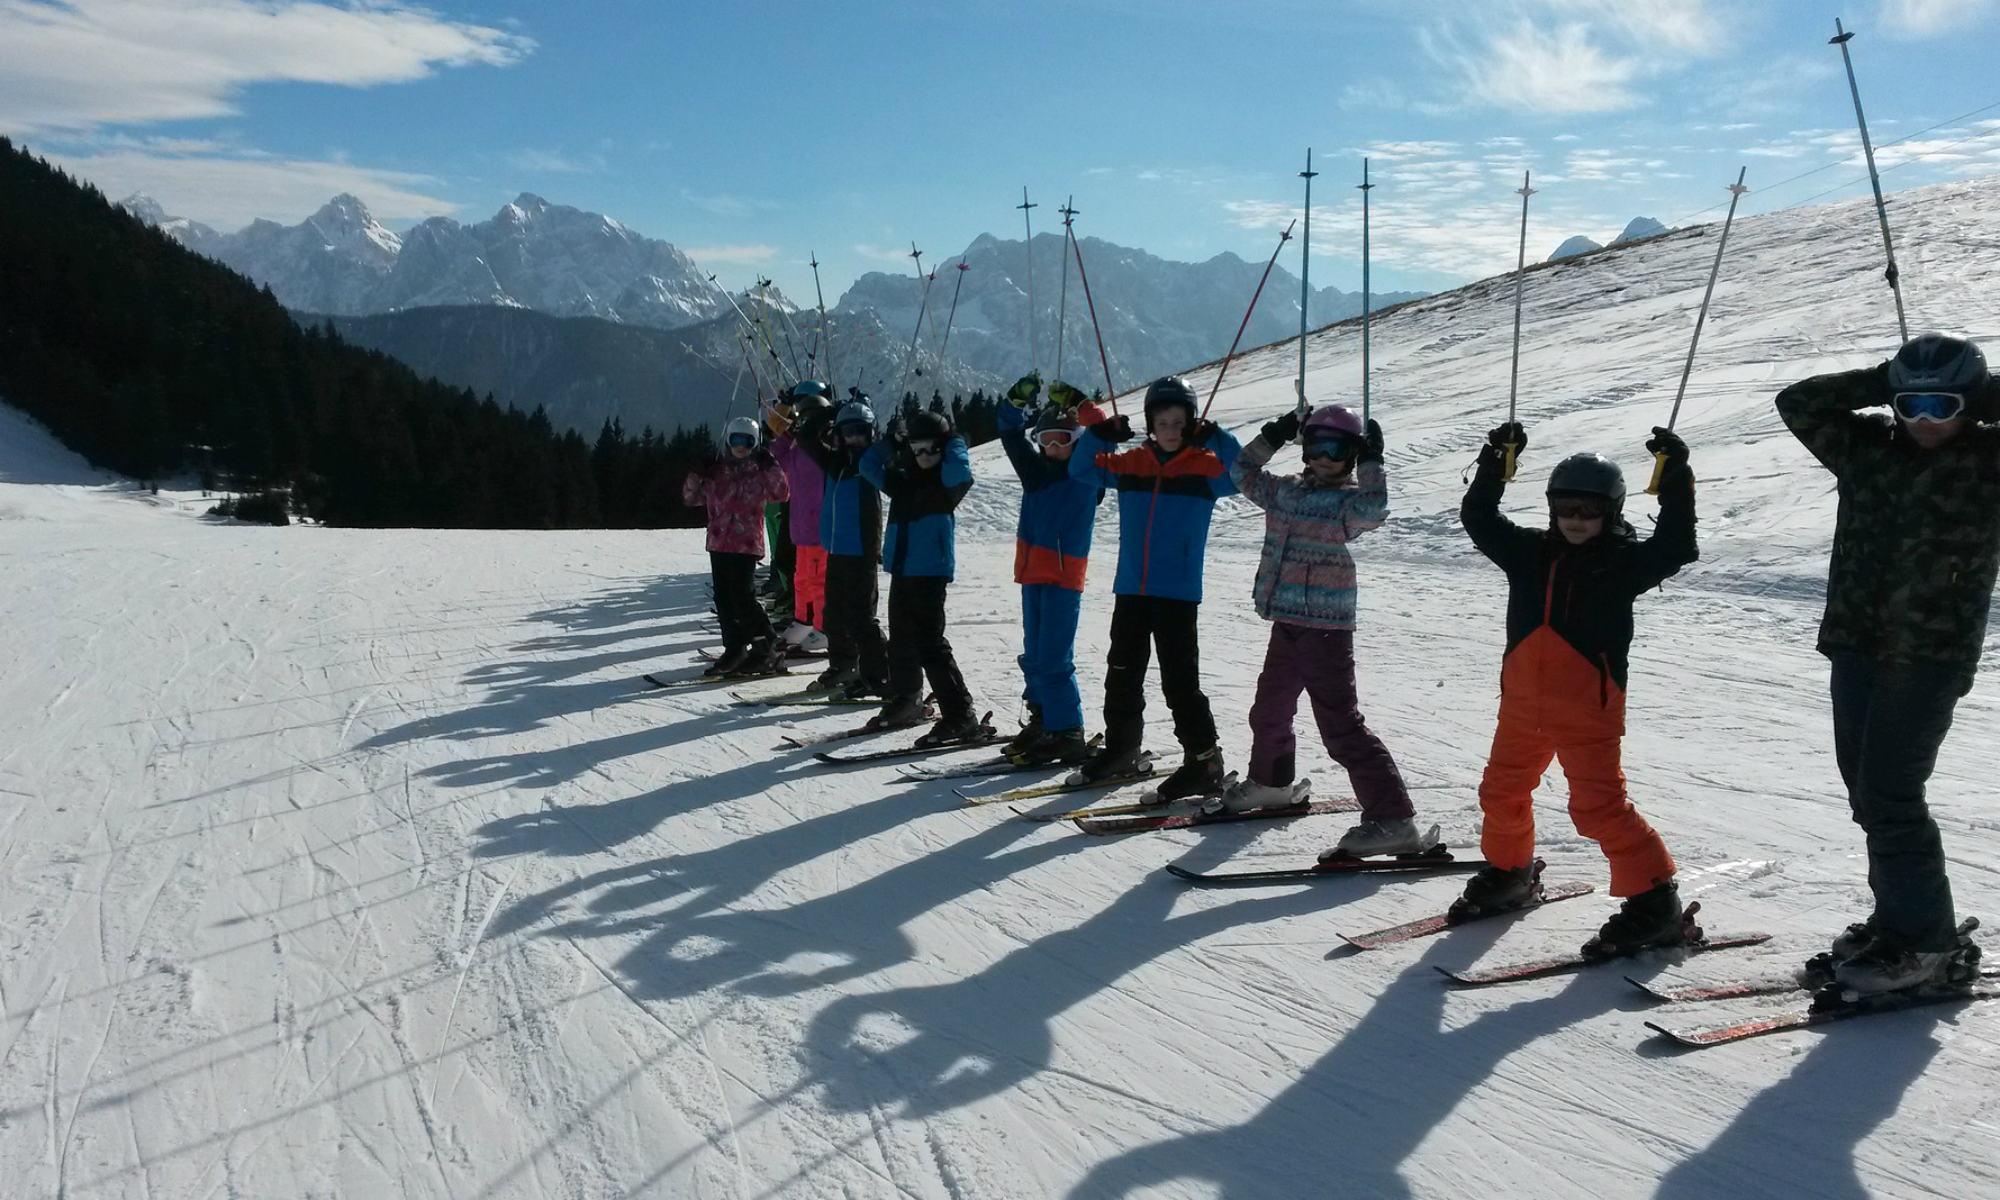 Un gruppo di bambini su una pista da sci.